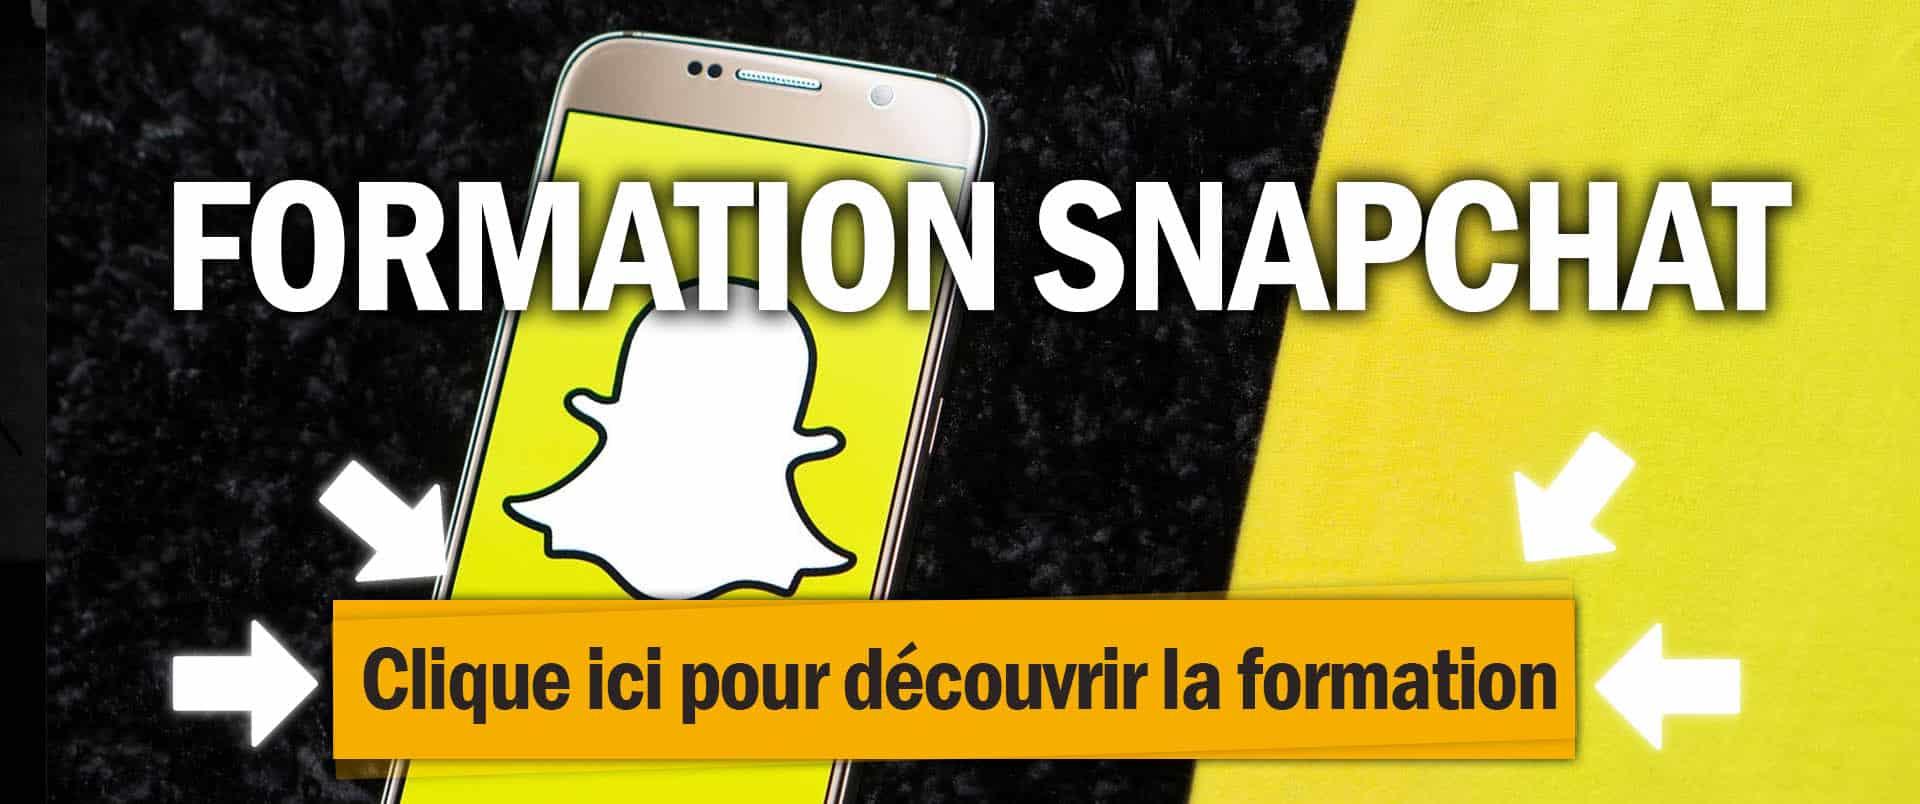 Formation snapchat ads pour faire de la publicité et vendre des produits en dropshipping et ecommerce, sur un fond jaune avec le logo de snapchat.